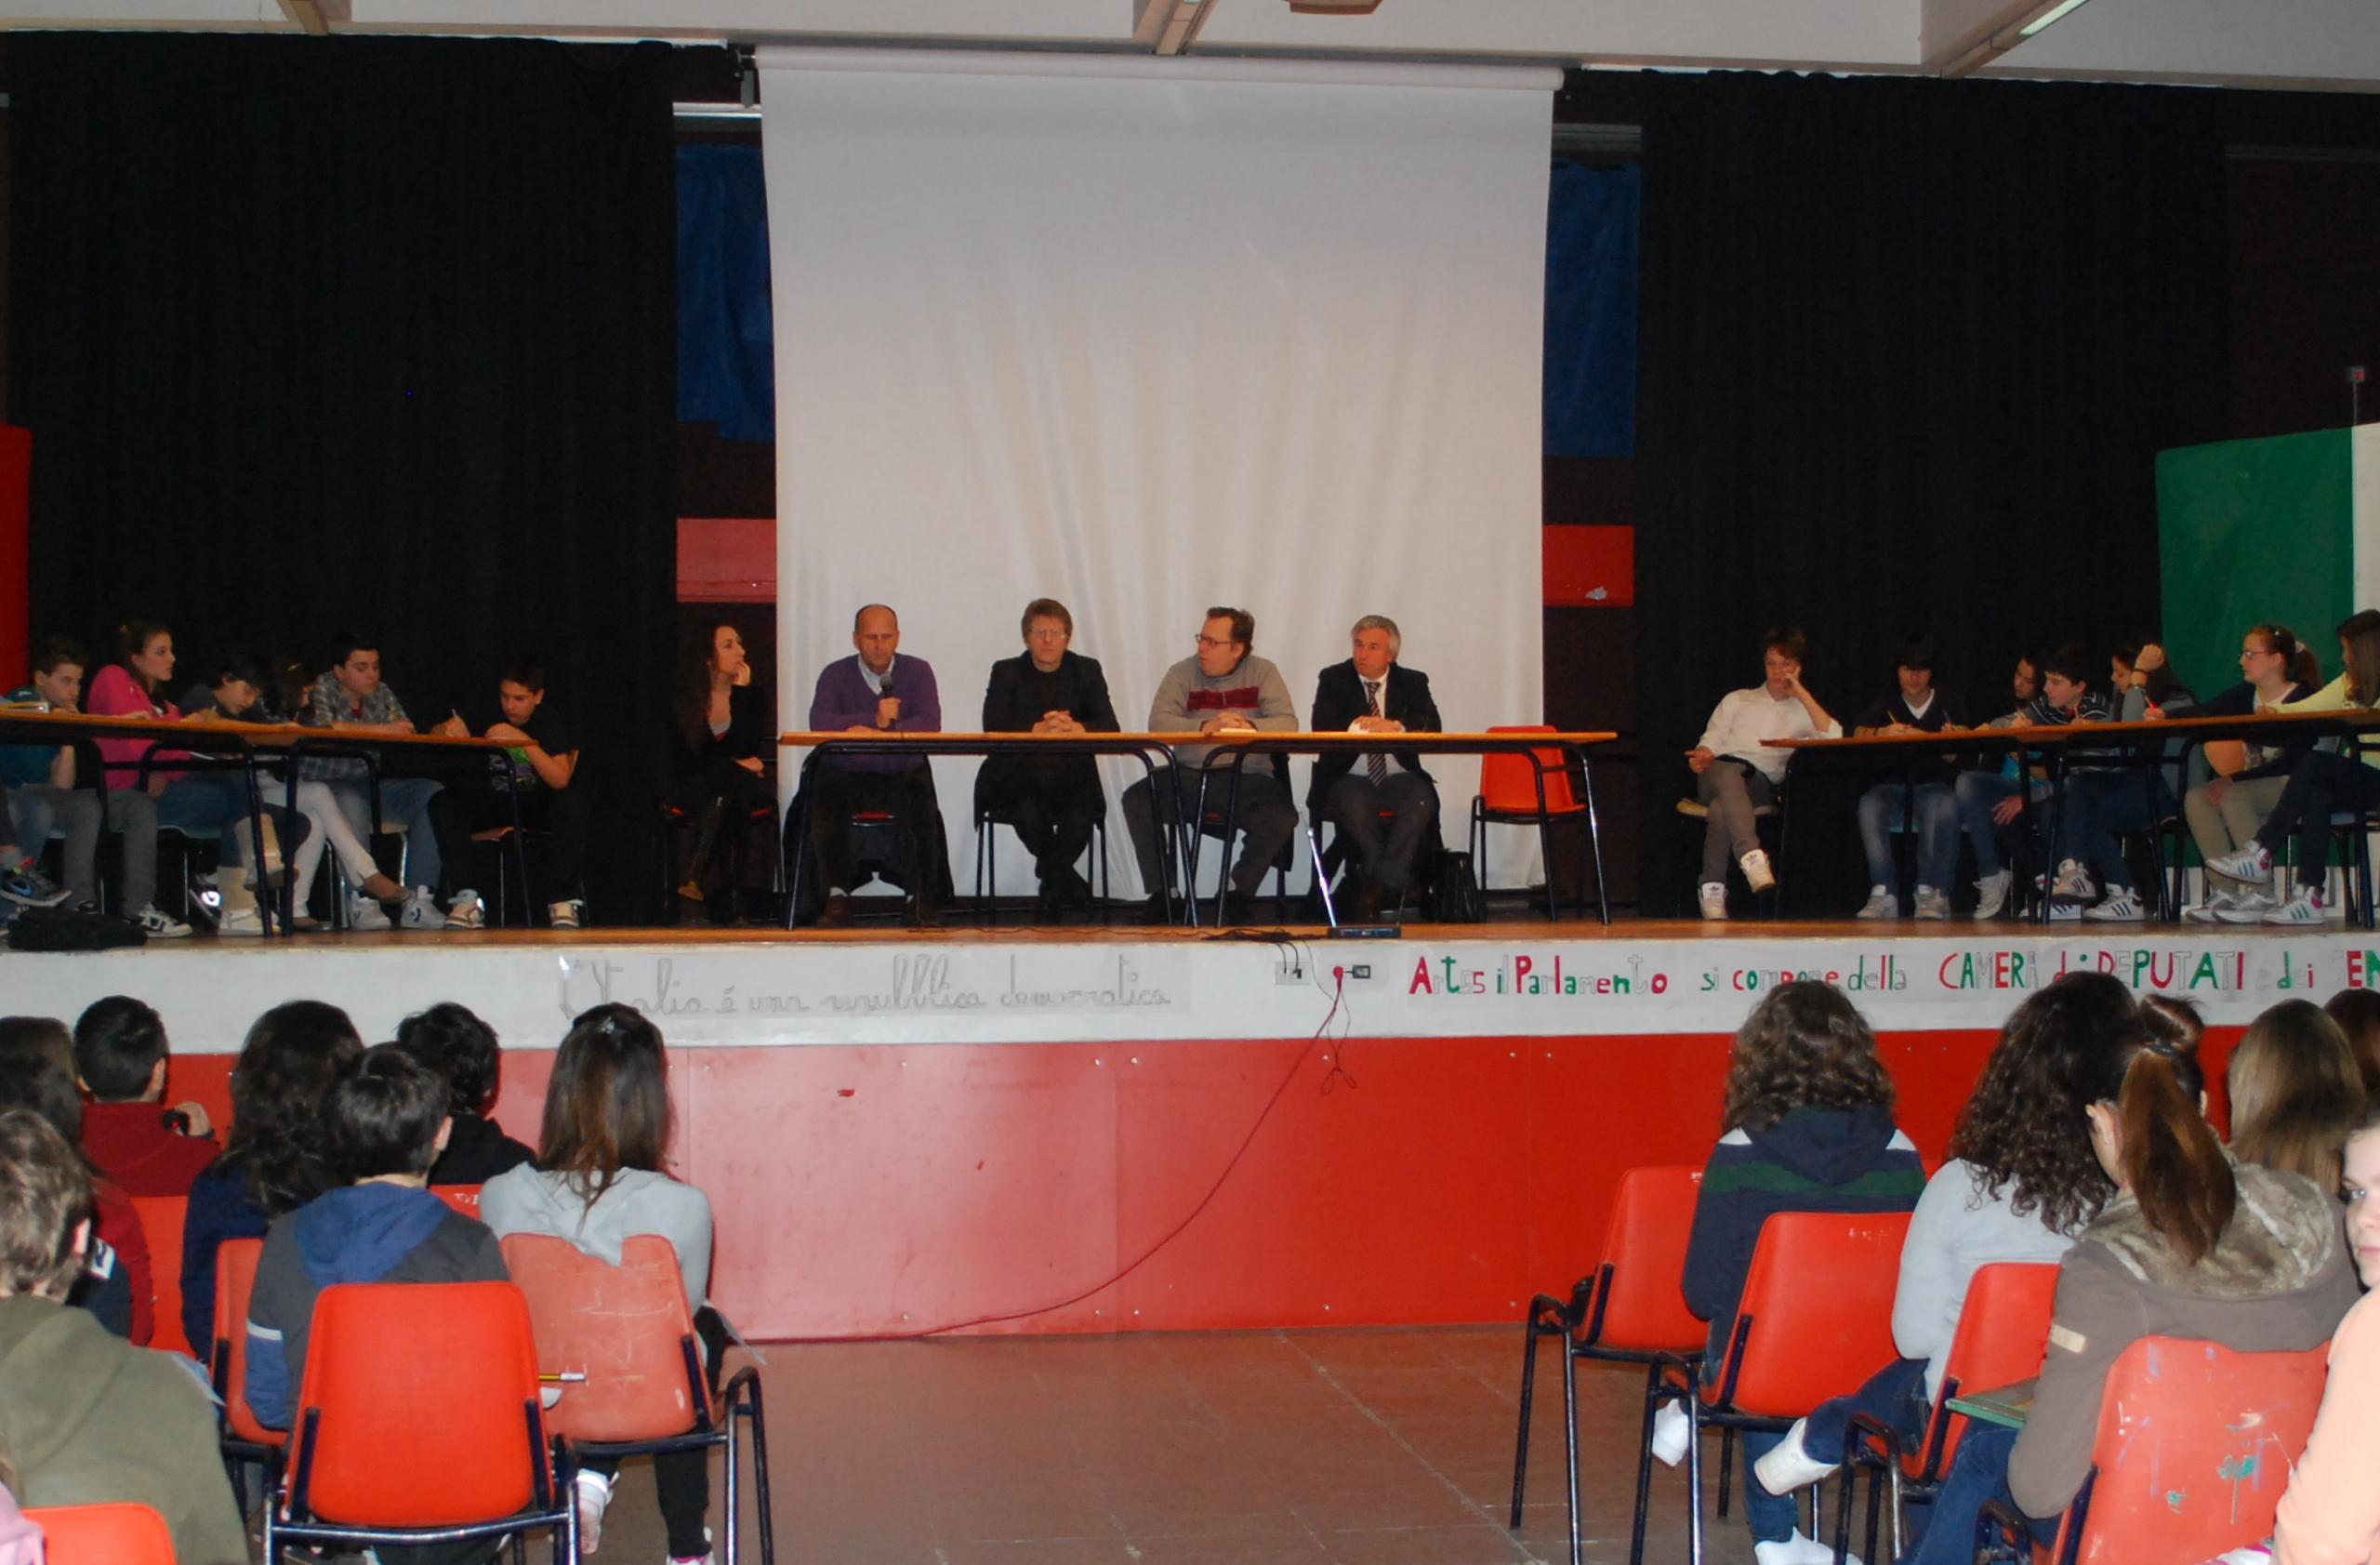 Carugate gli alunni della scuola media hanno celebrato for Storia del parlamento italiano